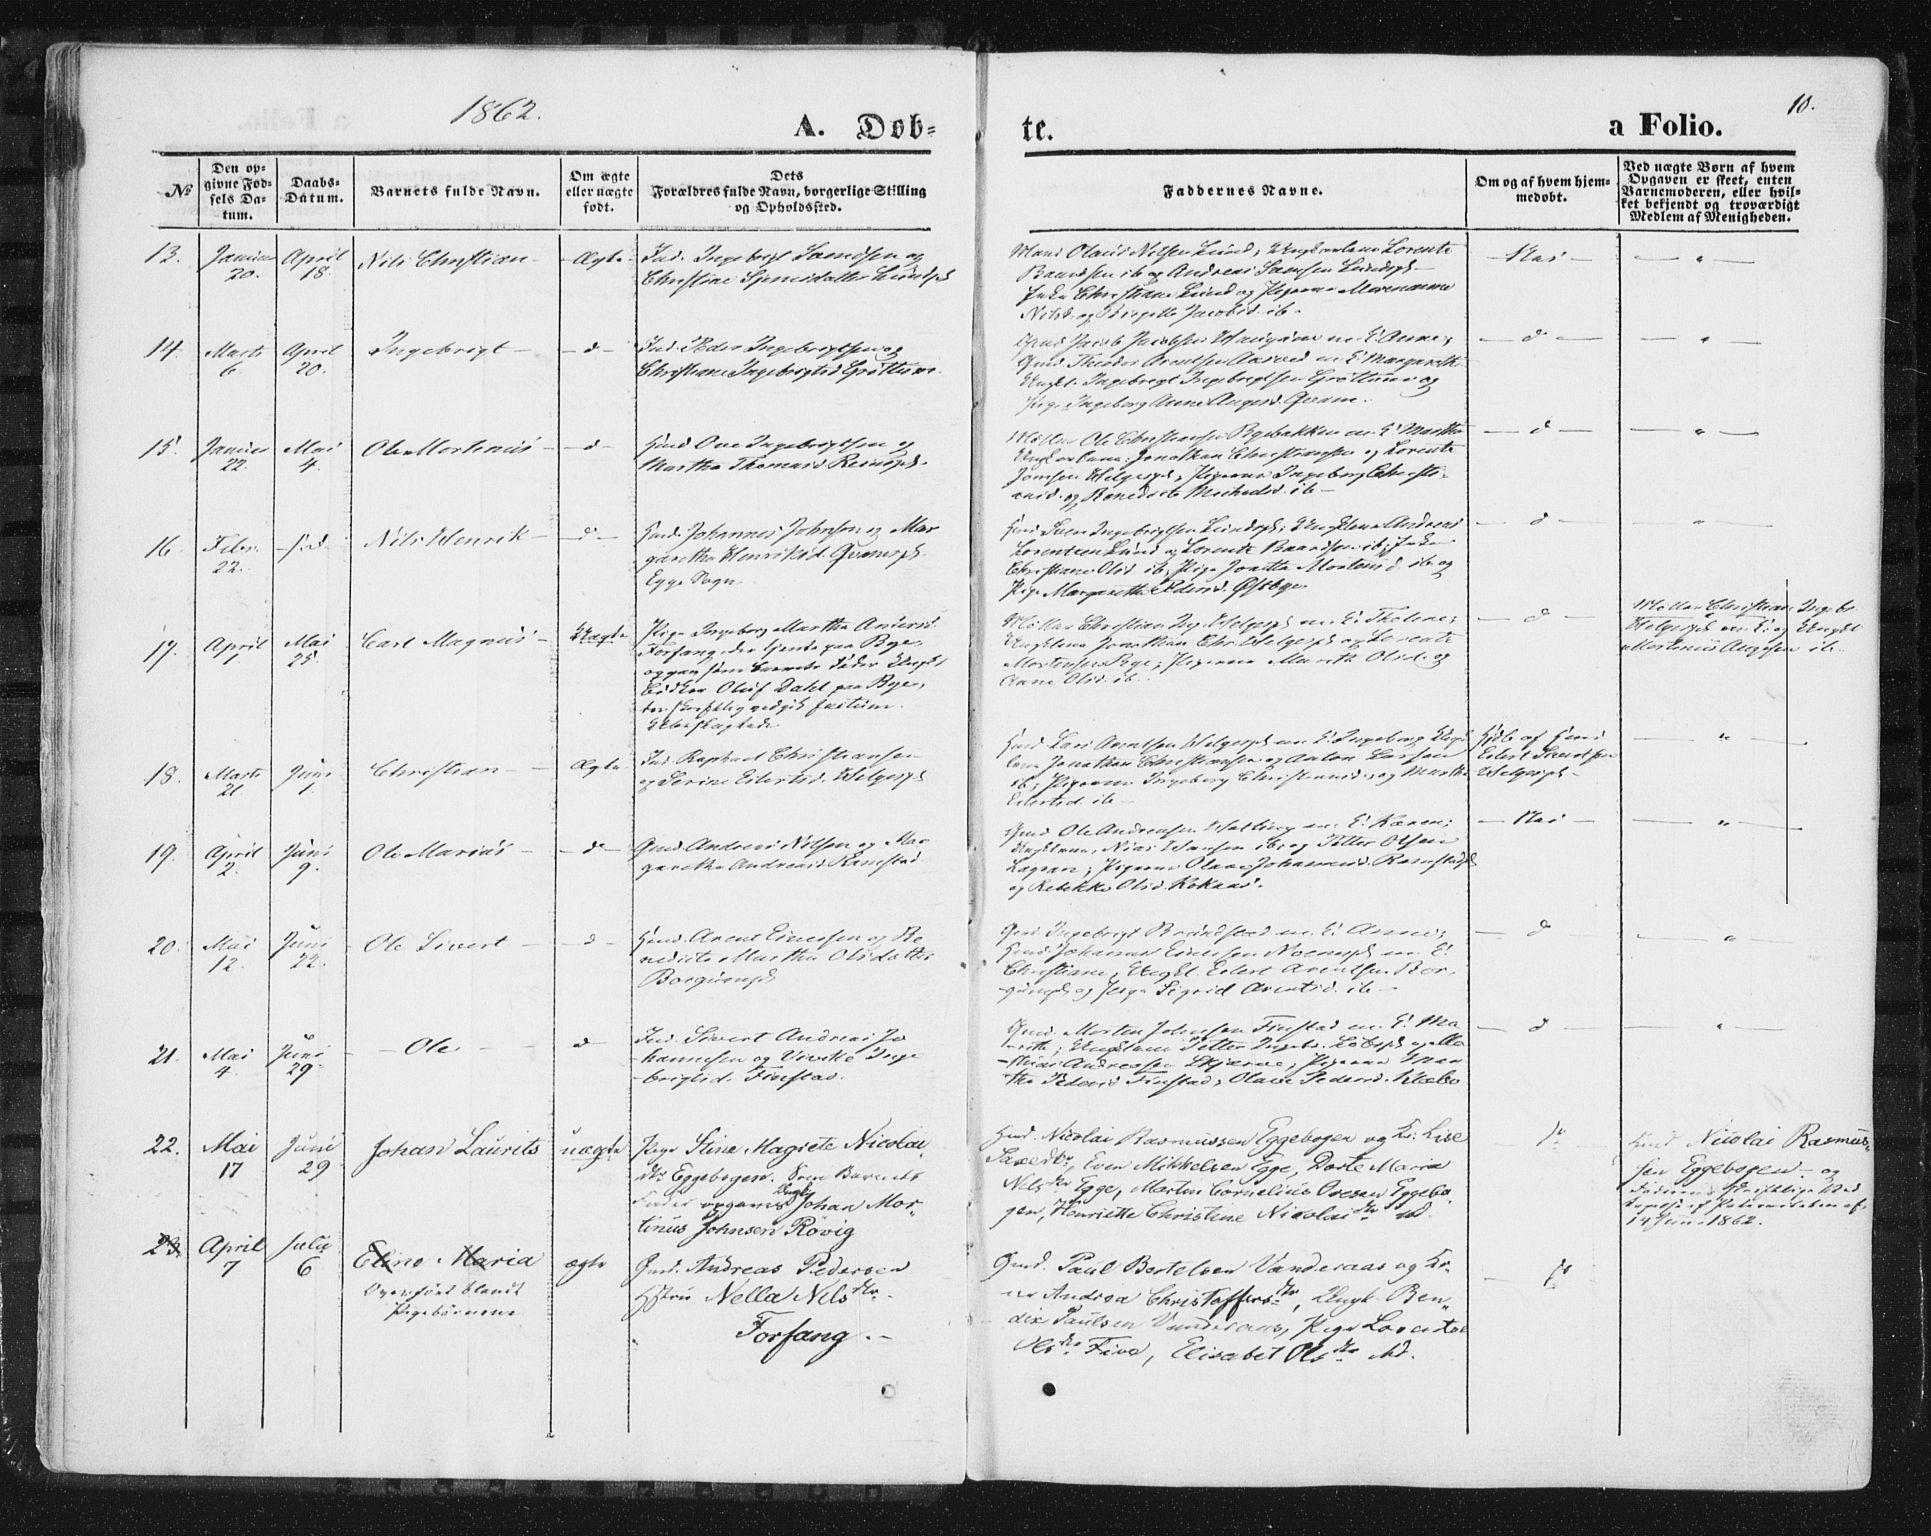 SAT, Ministerialprotokoller, klokkerbøker og fødselsregistre - Nord-Trøndelag, 746/L0447: Ministerialbok nr. 746A06, 1860-1877, s. 10